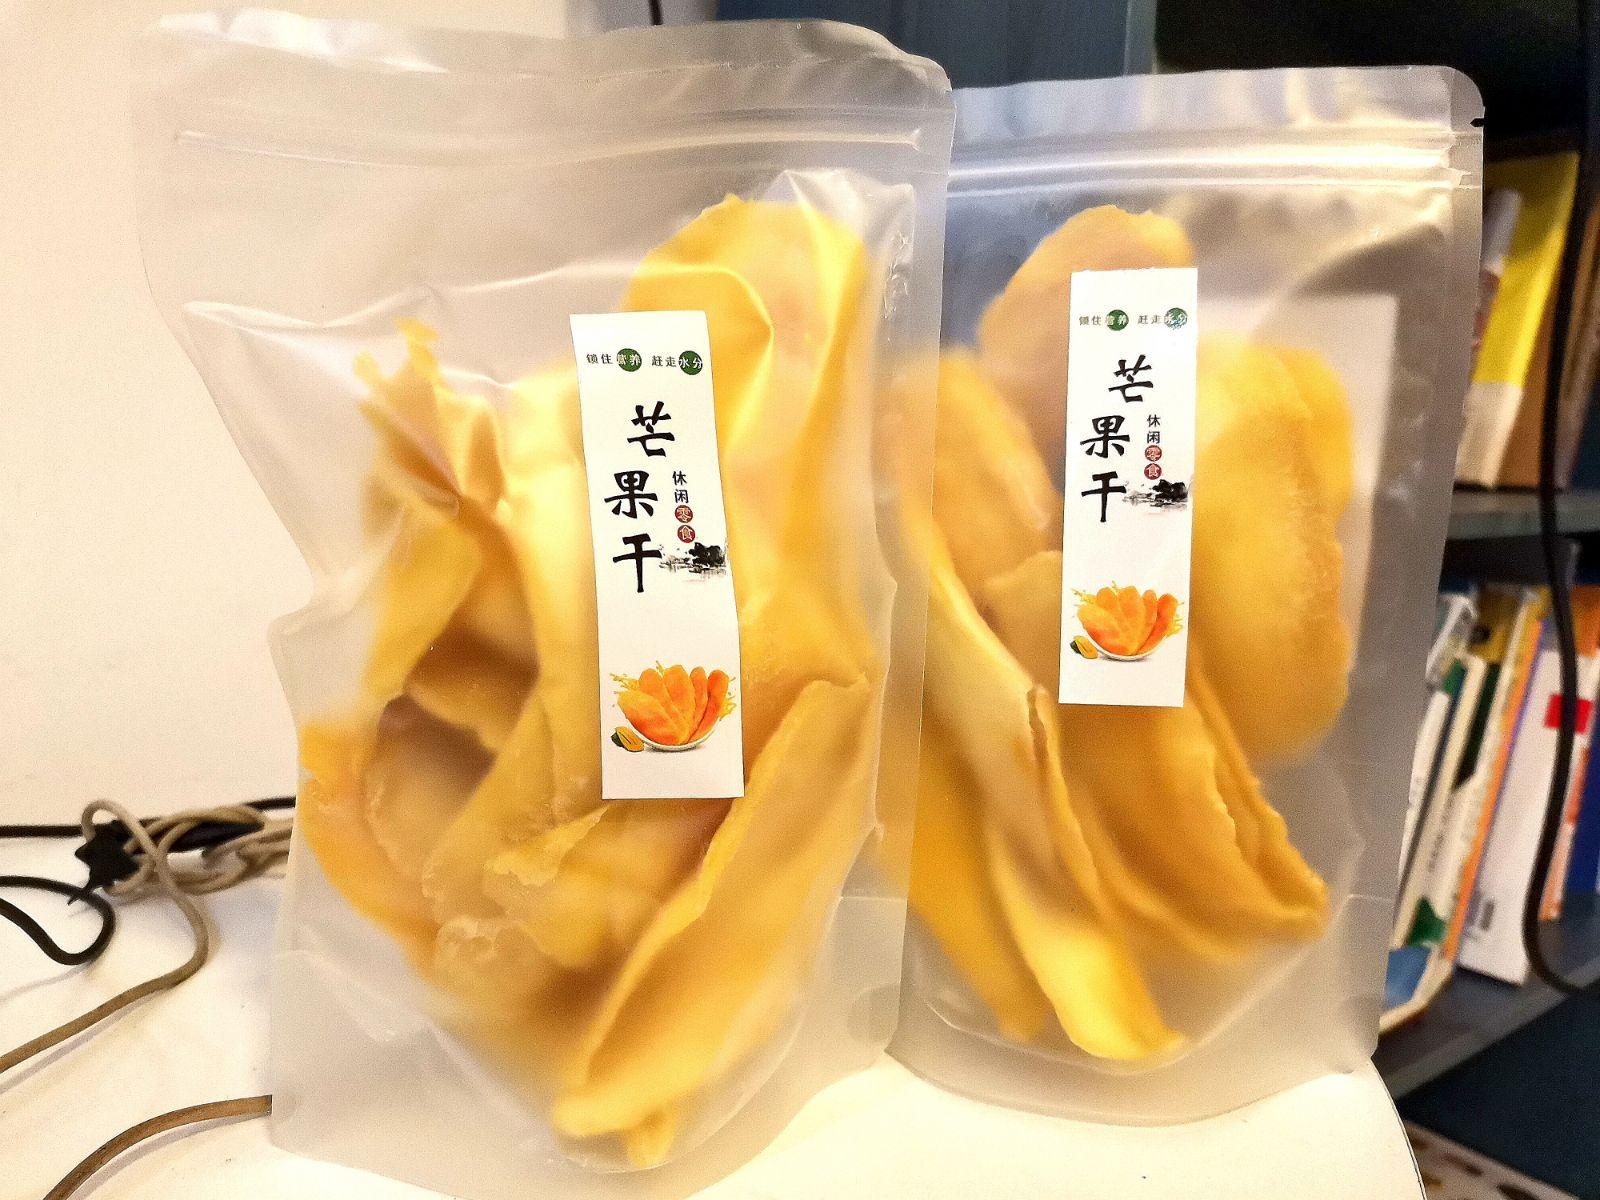 芒果干500g芒果干散装一斤装芒果干一箱泰国芒果干芒果干果水果干